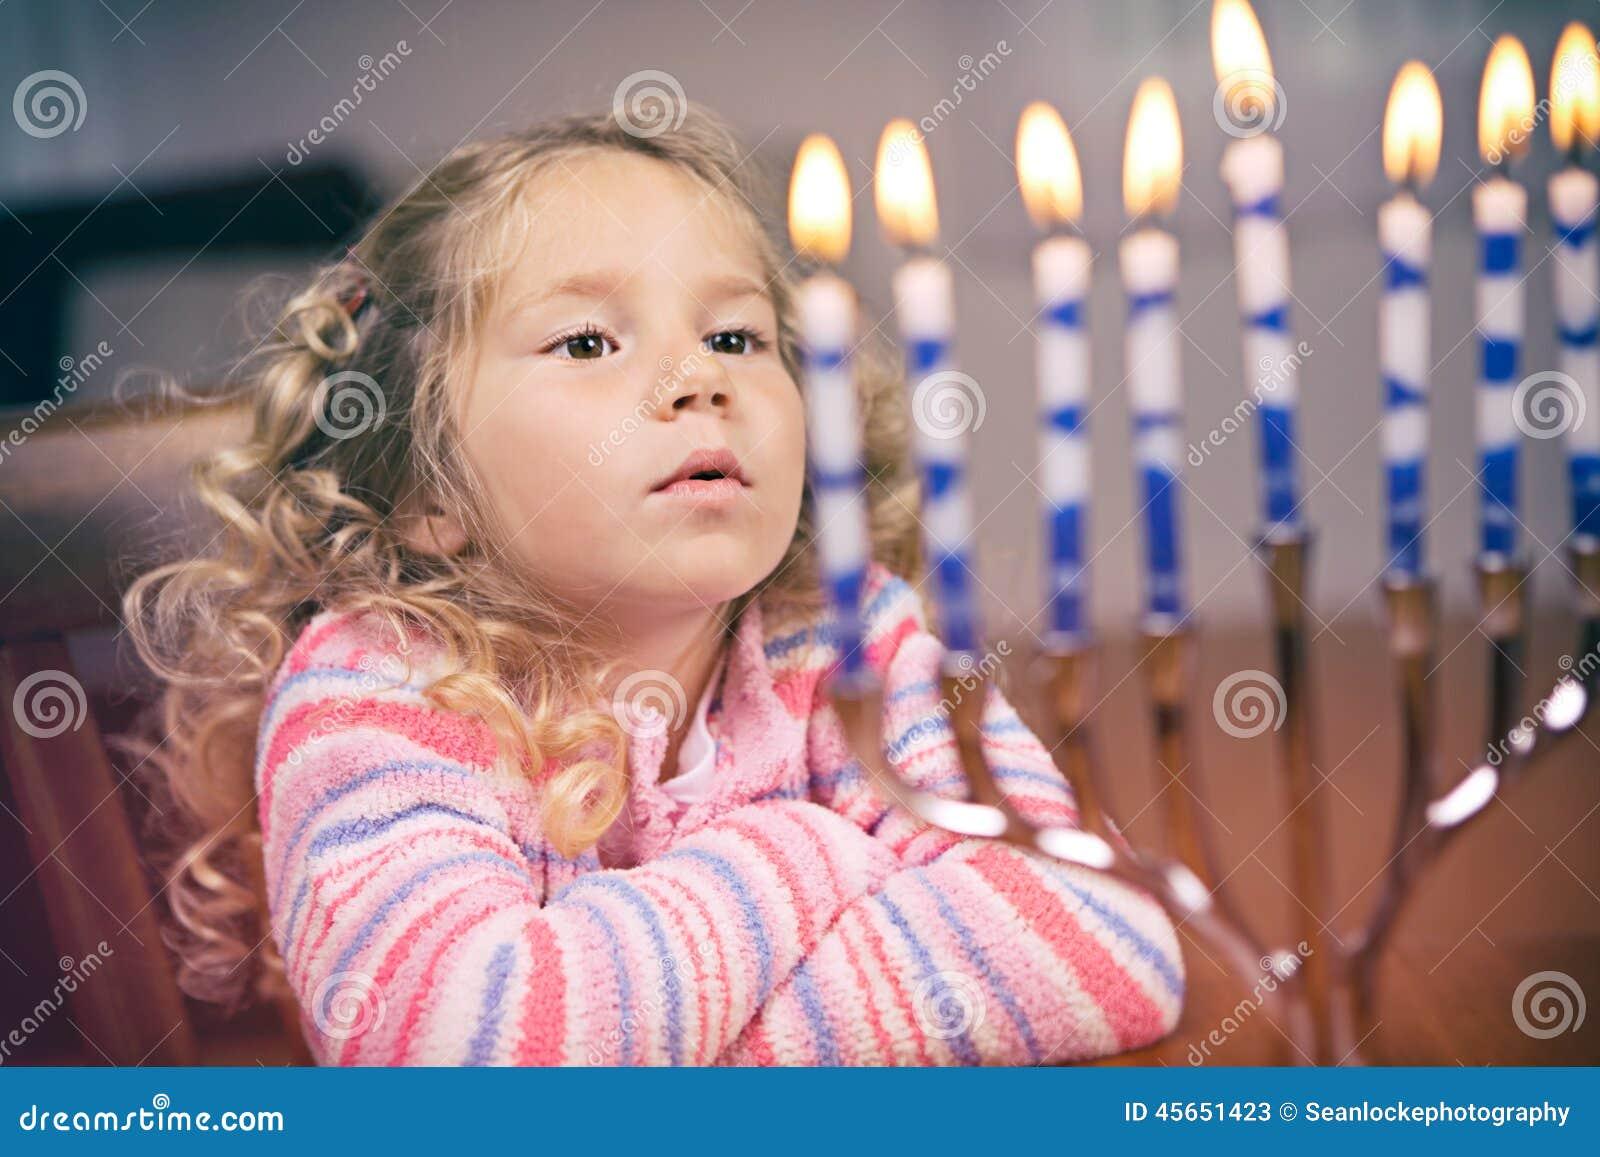 Hanukkah: A menina olha velas do Hanukkah do Lit